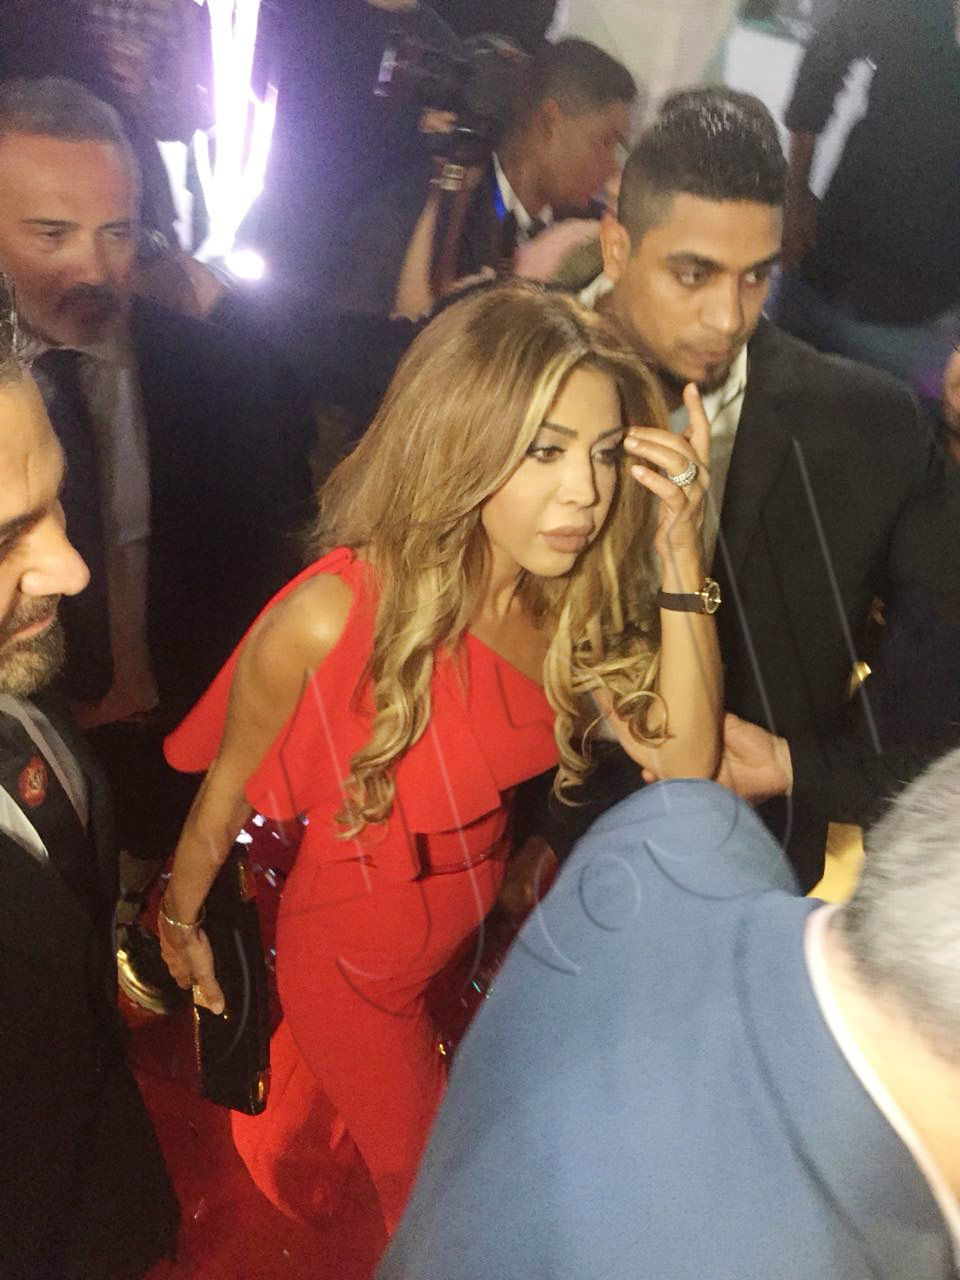 نوال الزغبي في افتتاح روتانا كافيه في مصر